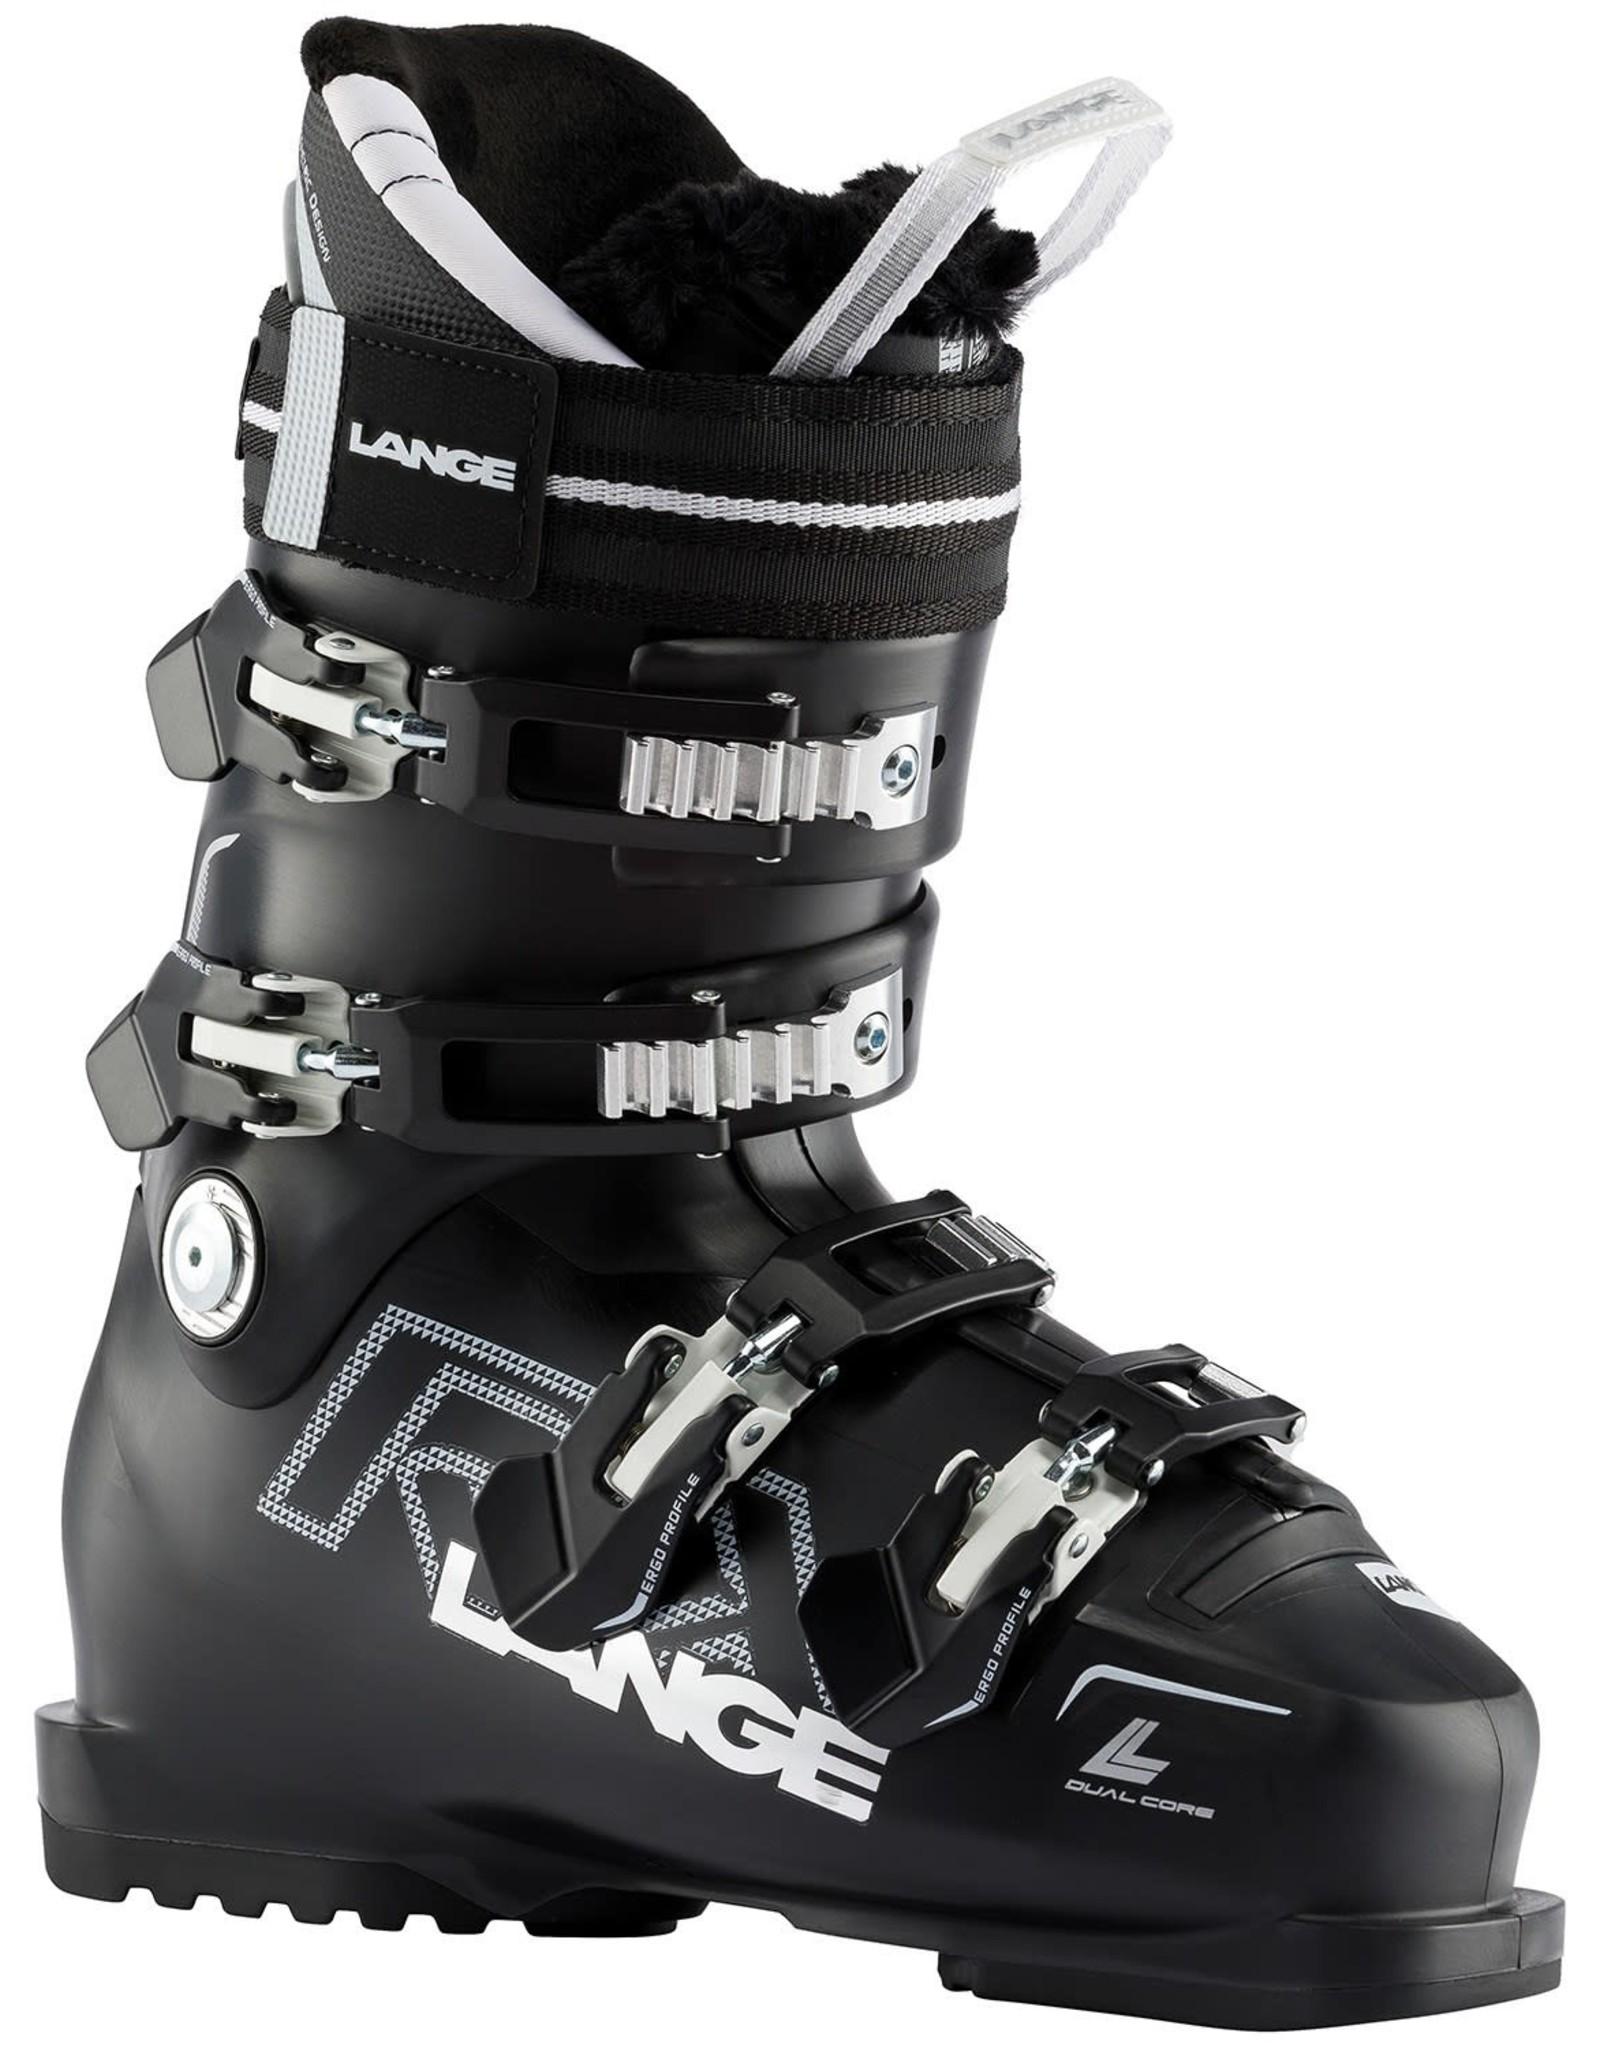 Lange LANGE Ski Boots RX 80 L.V. (20/21)